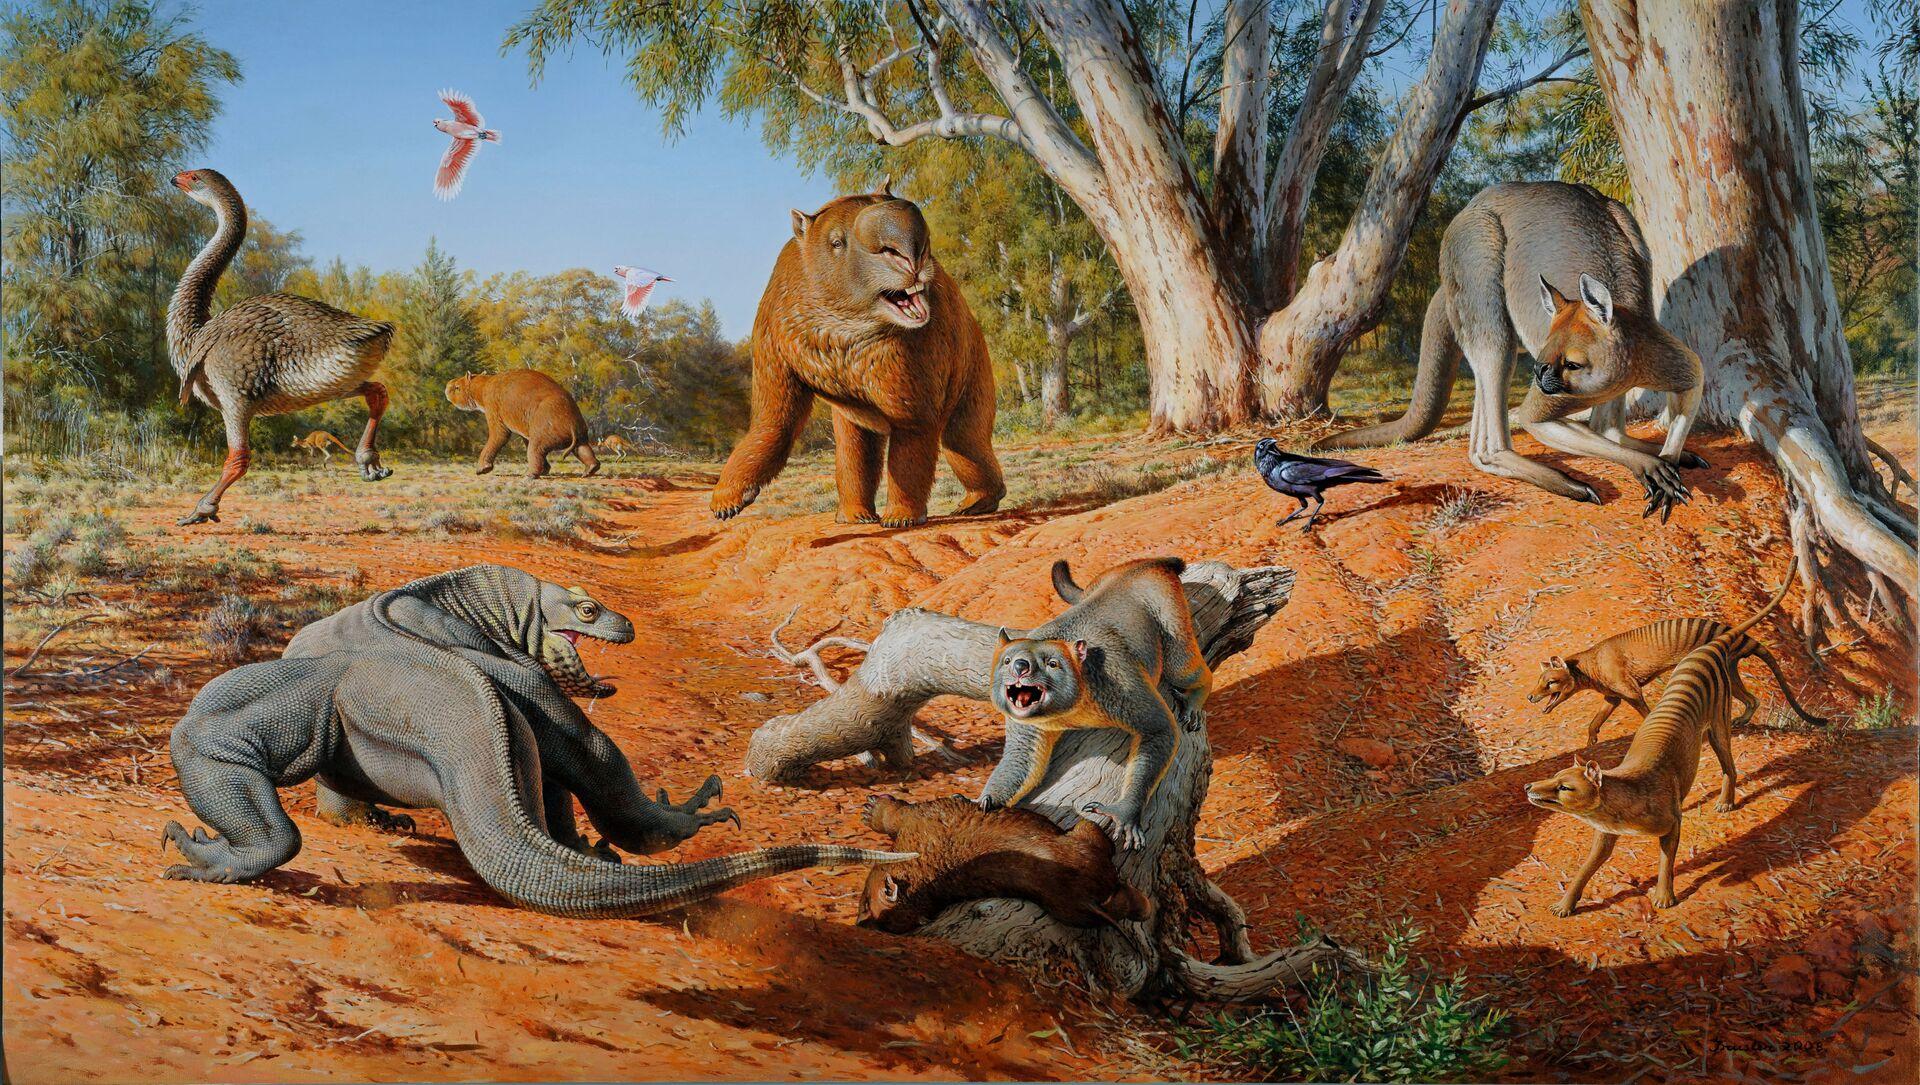 Megafauna Austrálie před 50 tisíci lety - Sputnik Česká republika, 1920, 16.02.2021